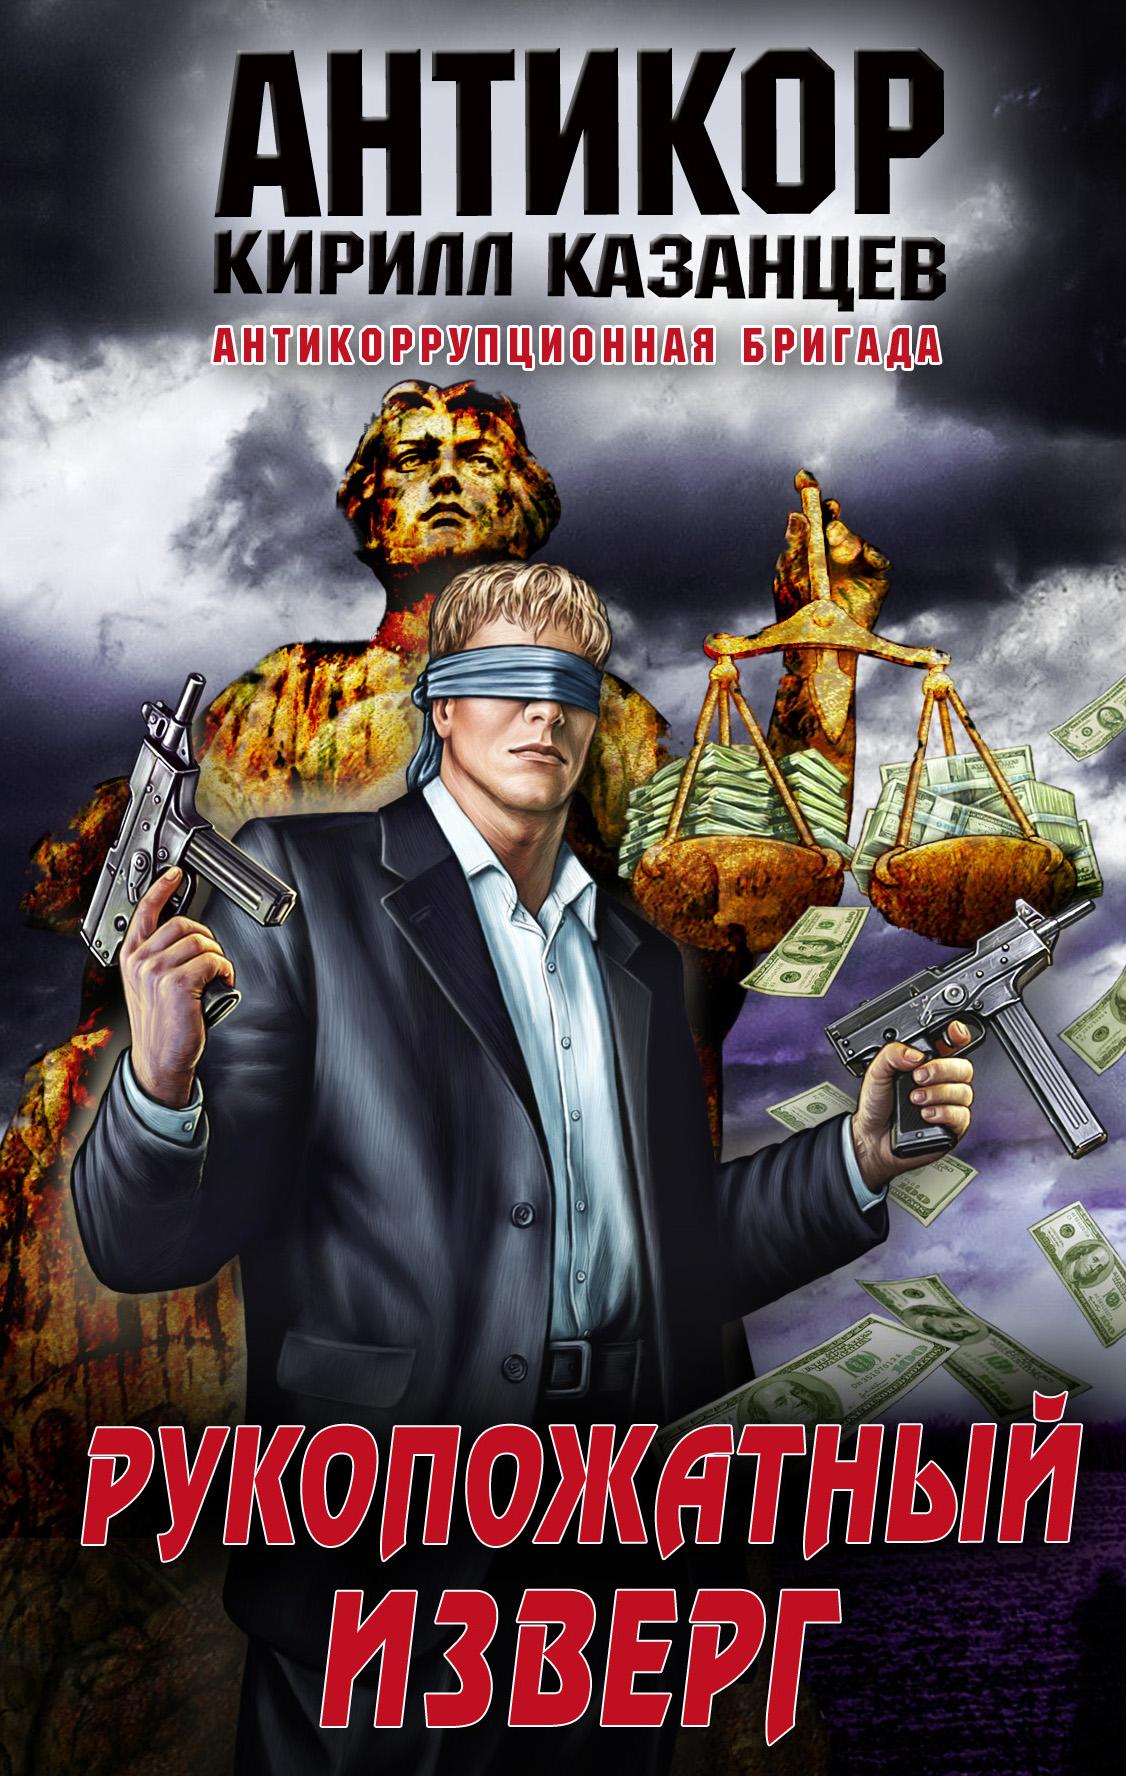 Кирилл Казанцев Рукопожатный изверг